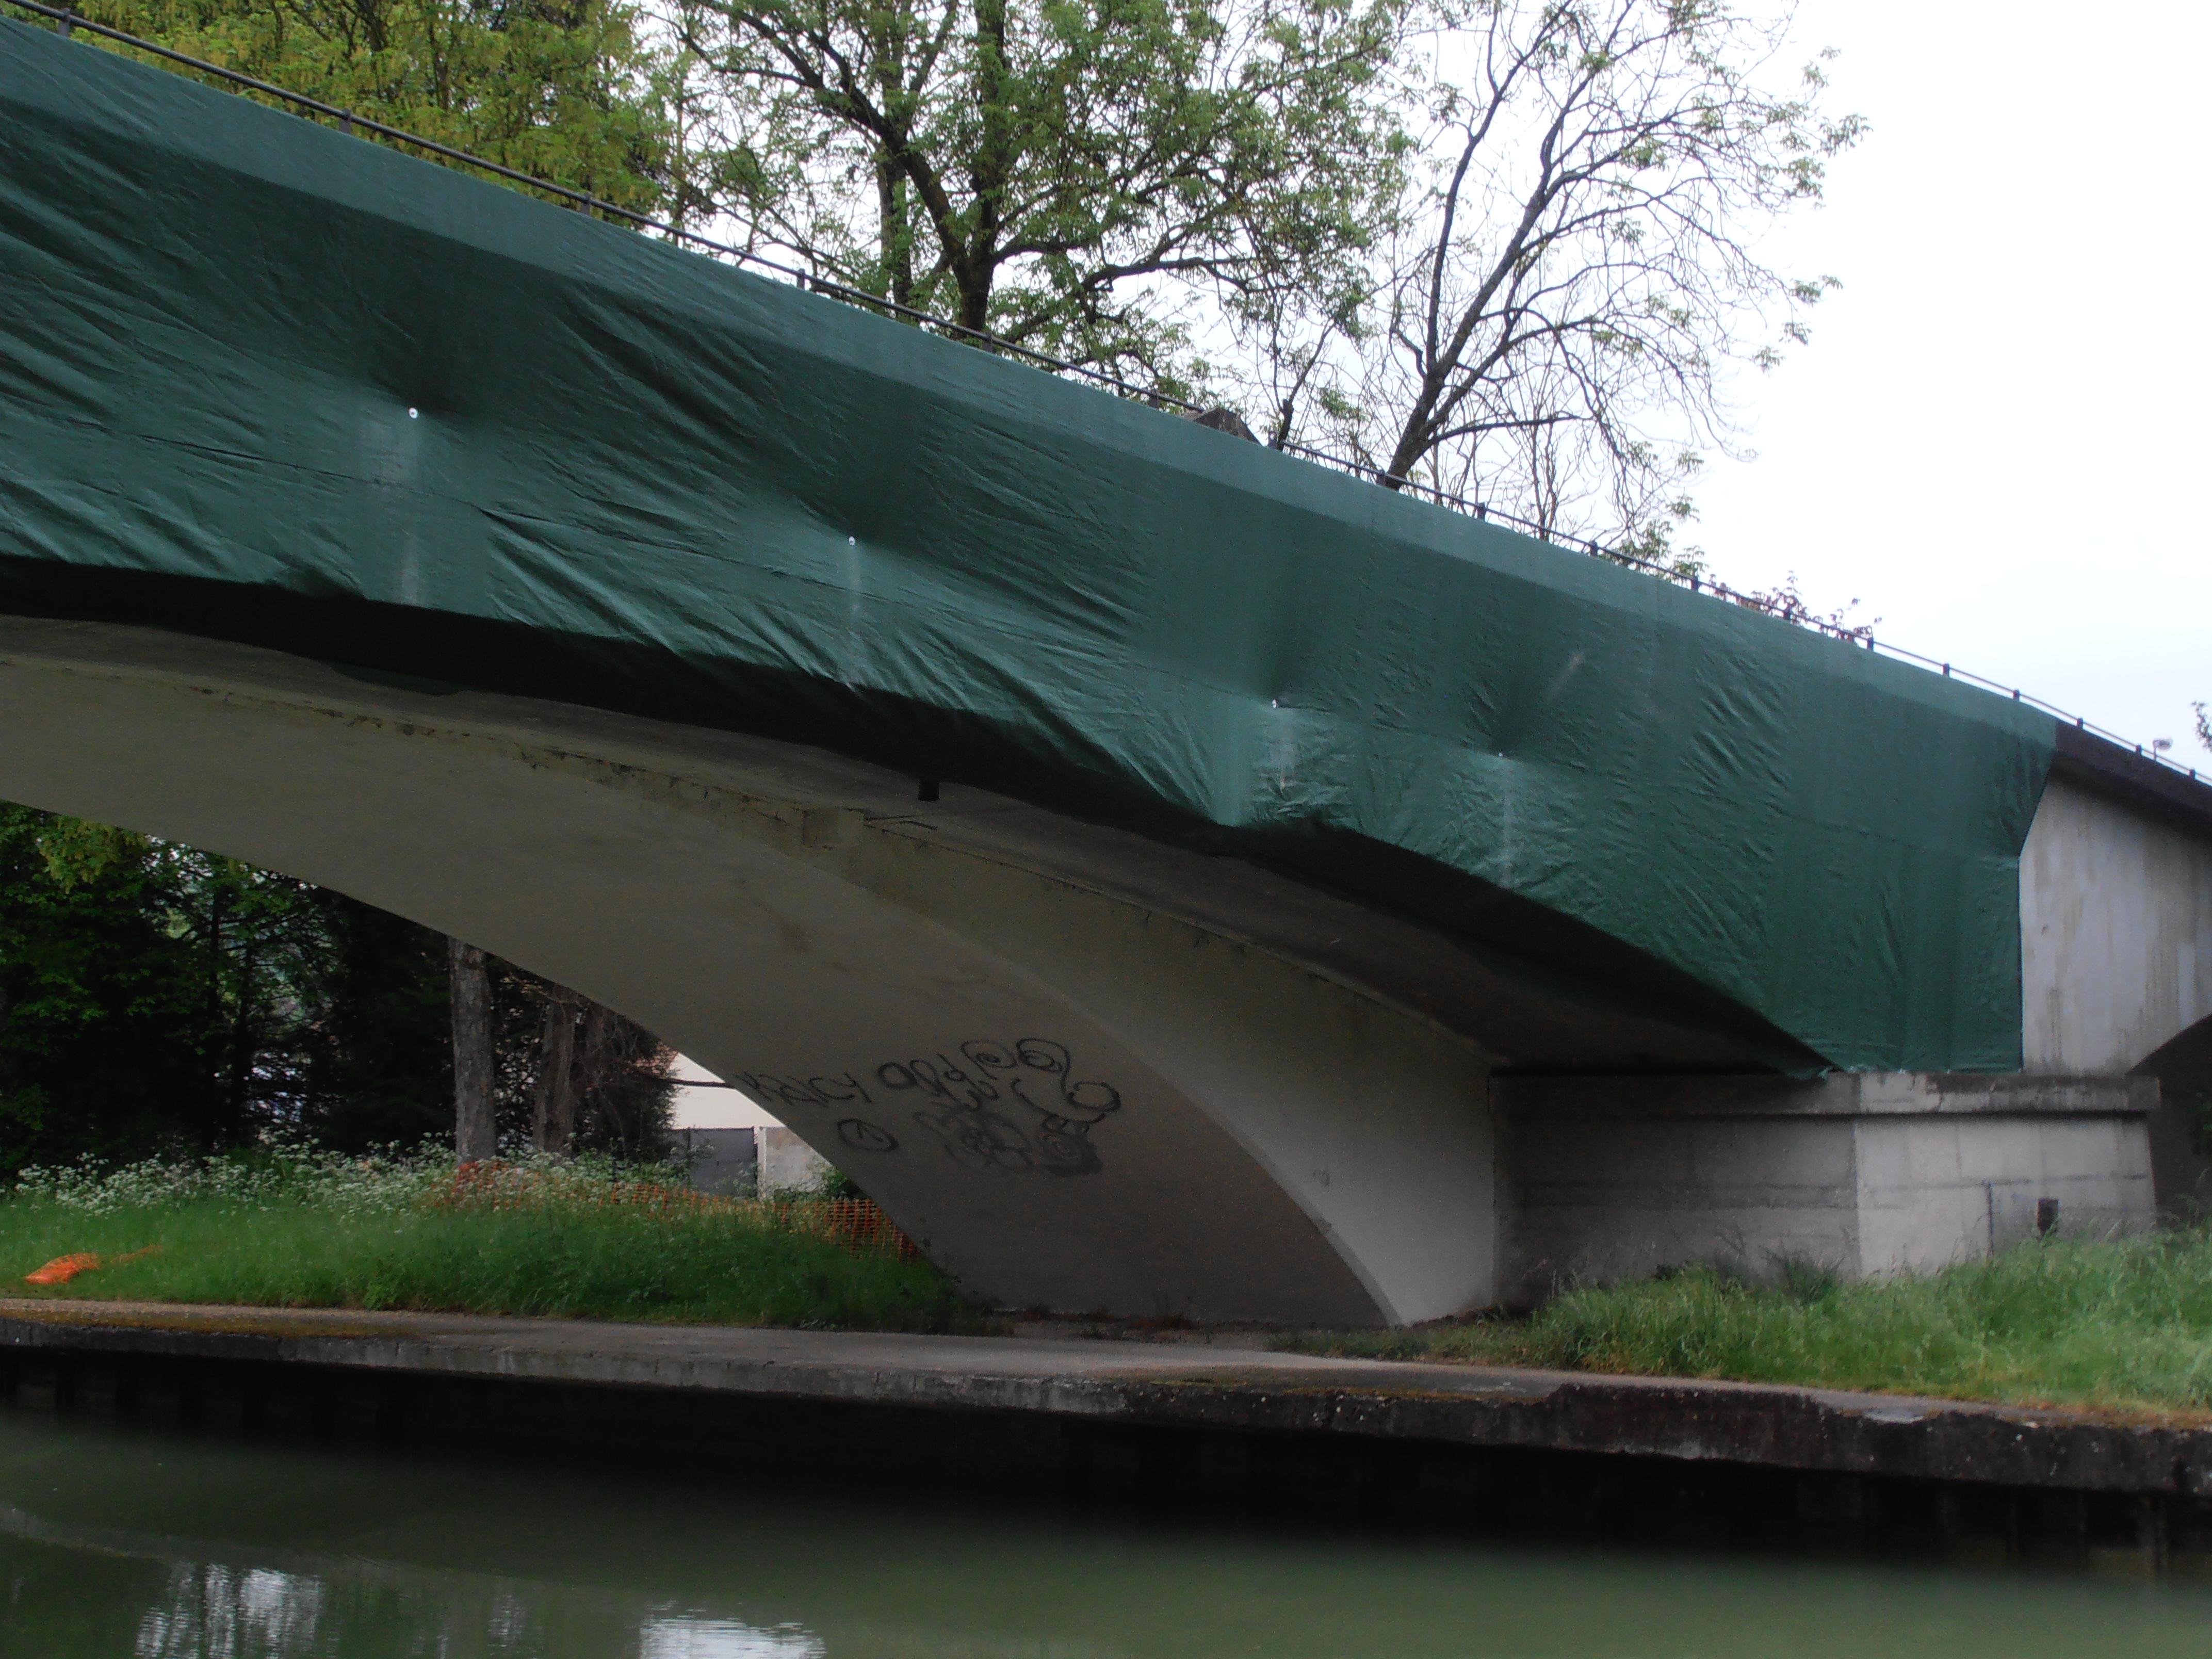 Sécurisation de ponts anti chute